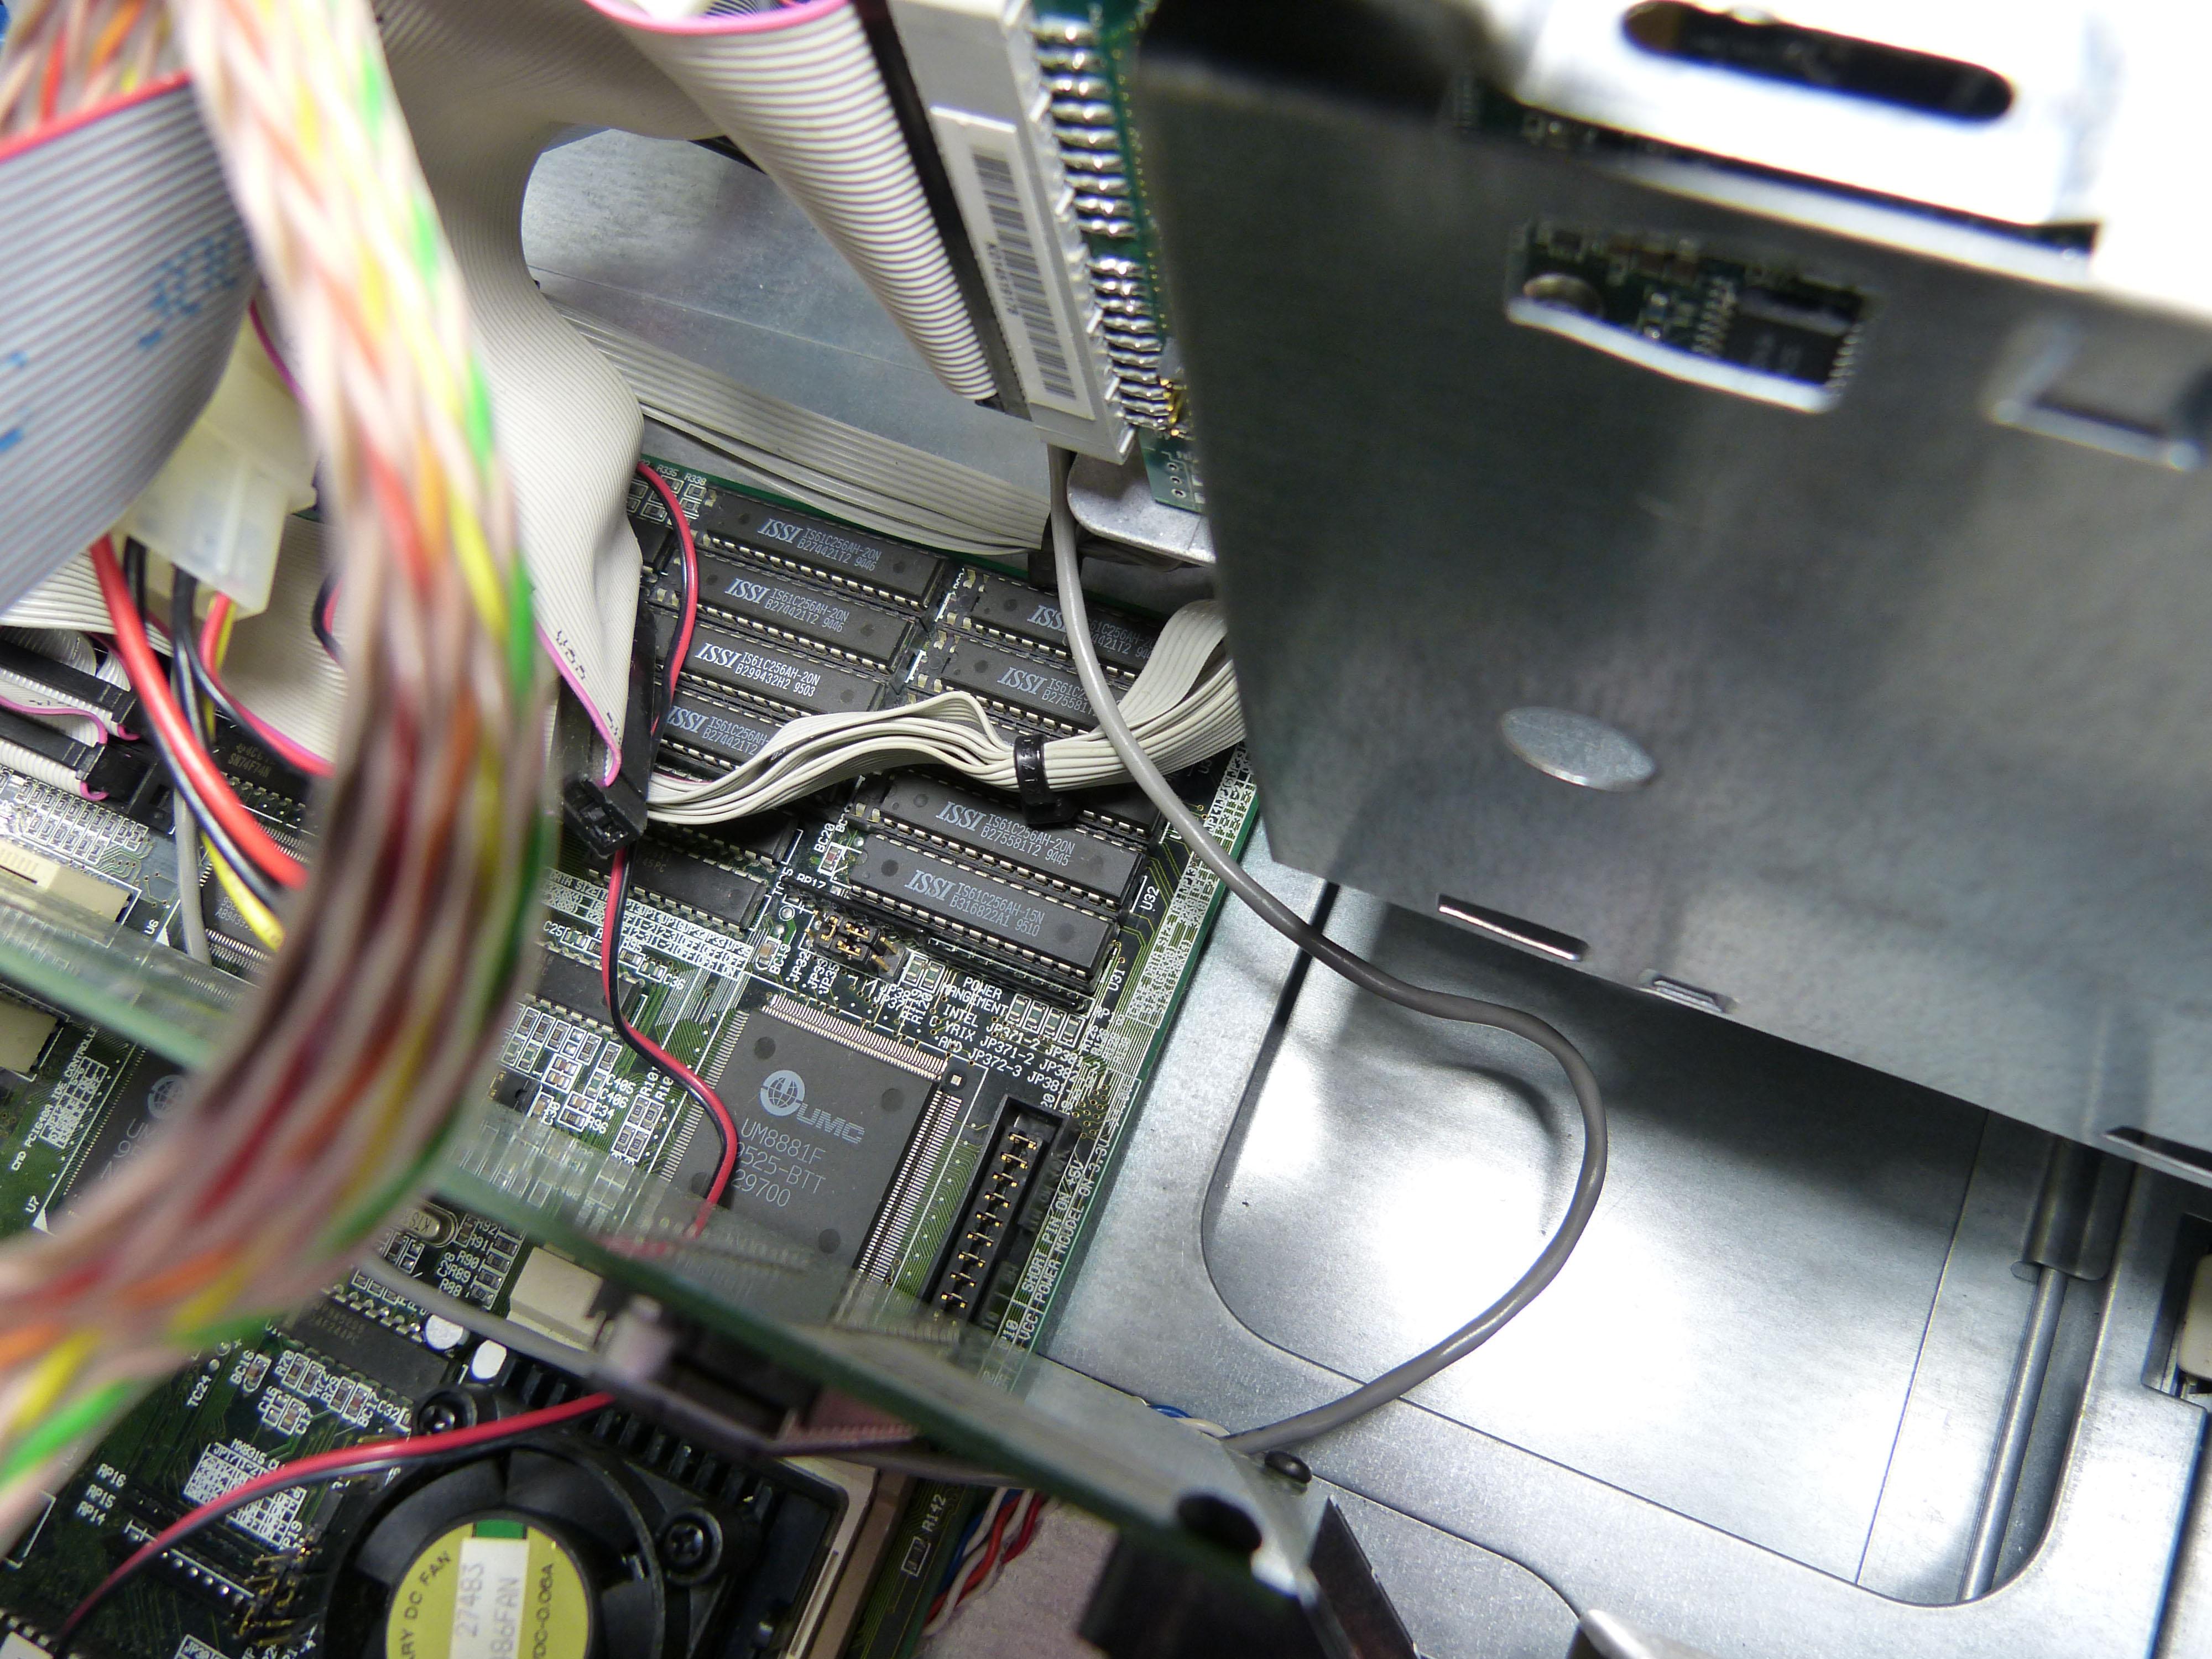 retronn de x86 Computer Overview